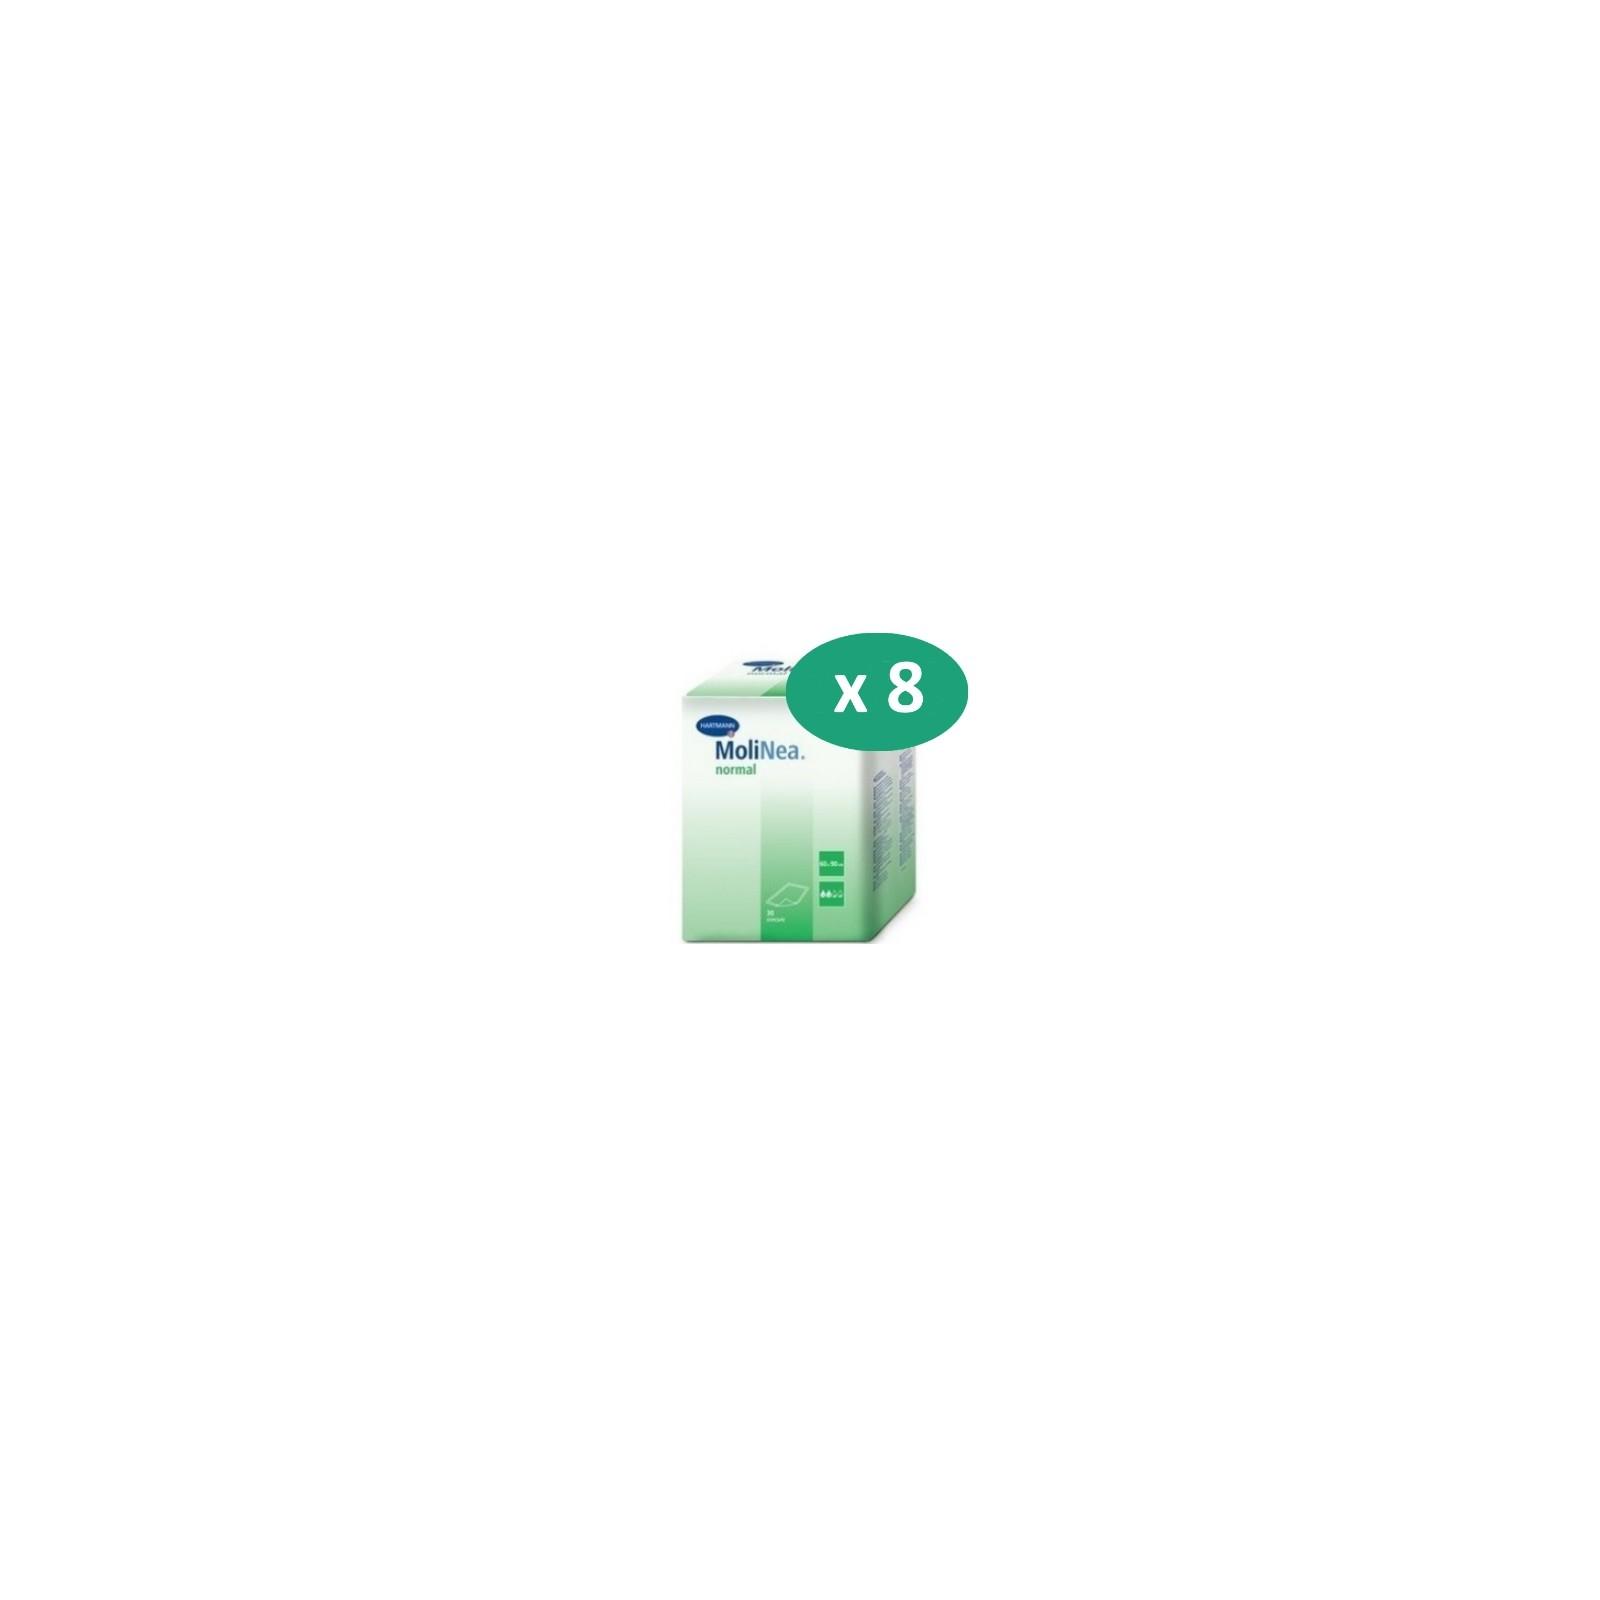 8 paquets de Hartmann MoliNea Normal| SenUp.com